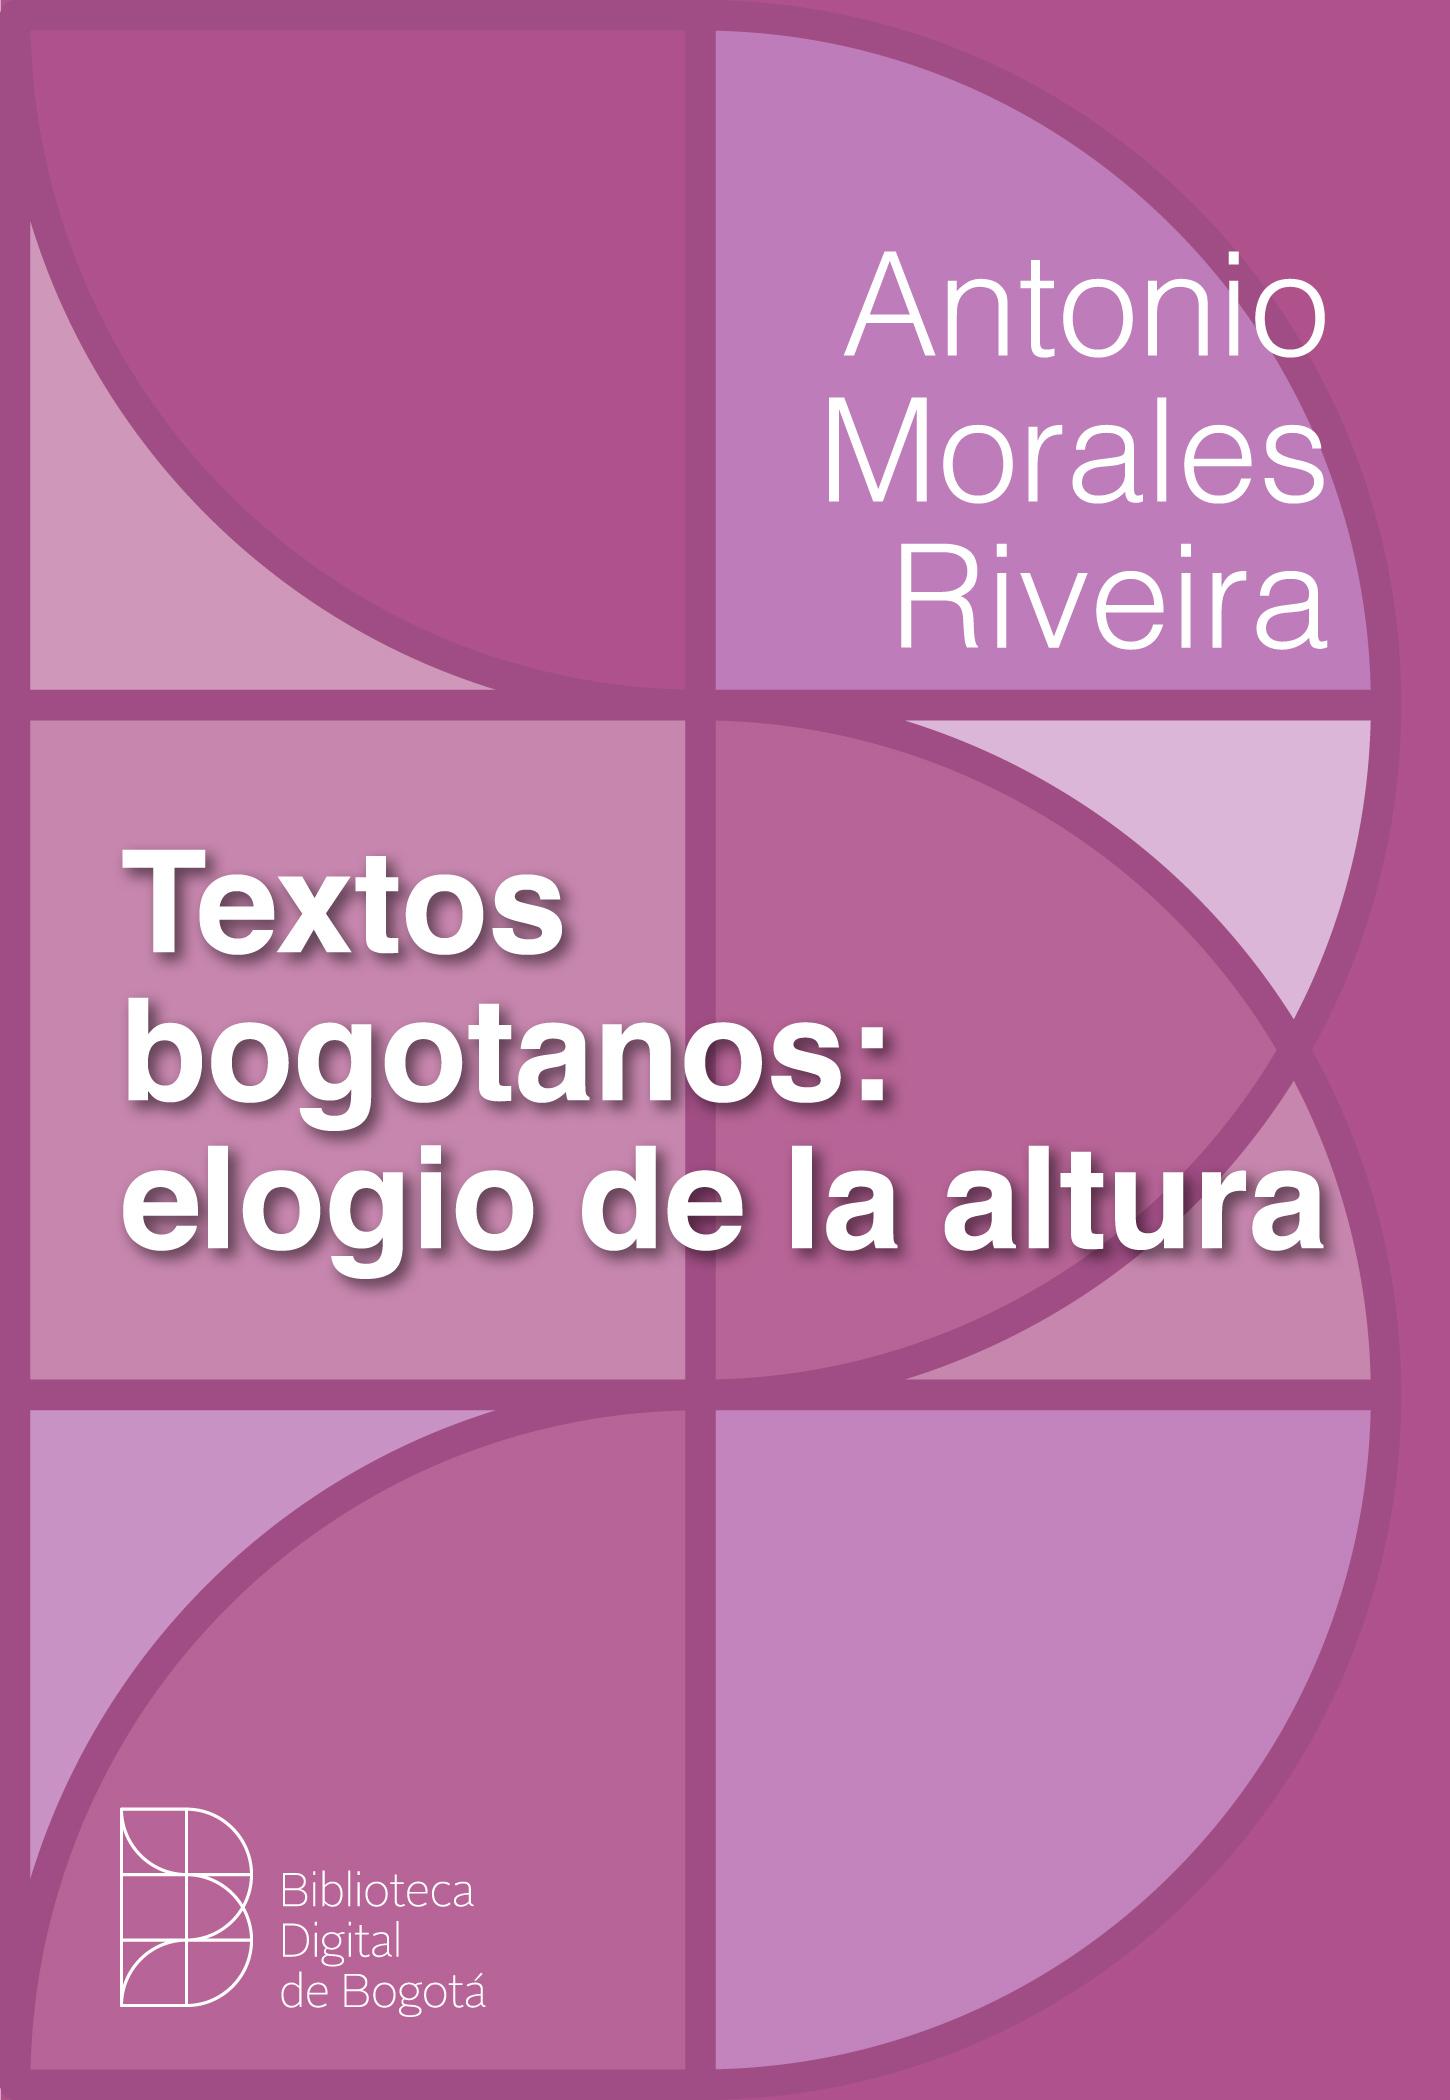 Imagen de apoyo de  Textos bogotanos: elogio de la altura